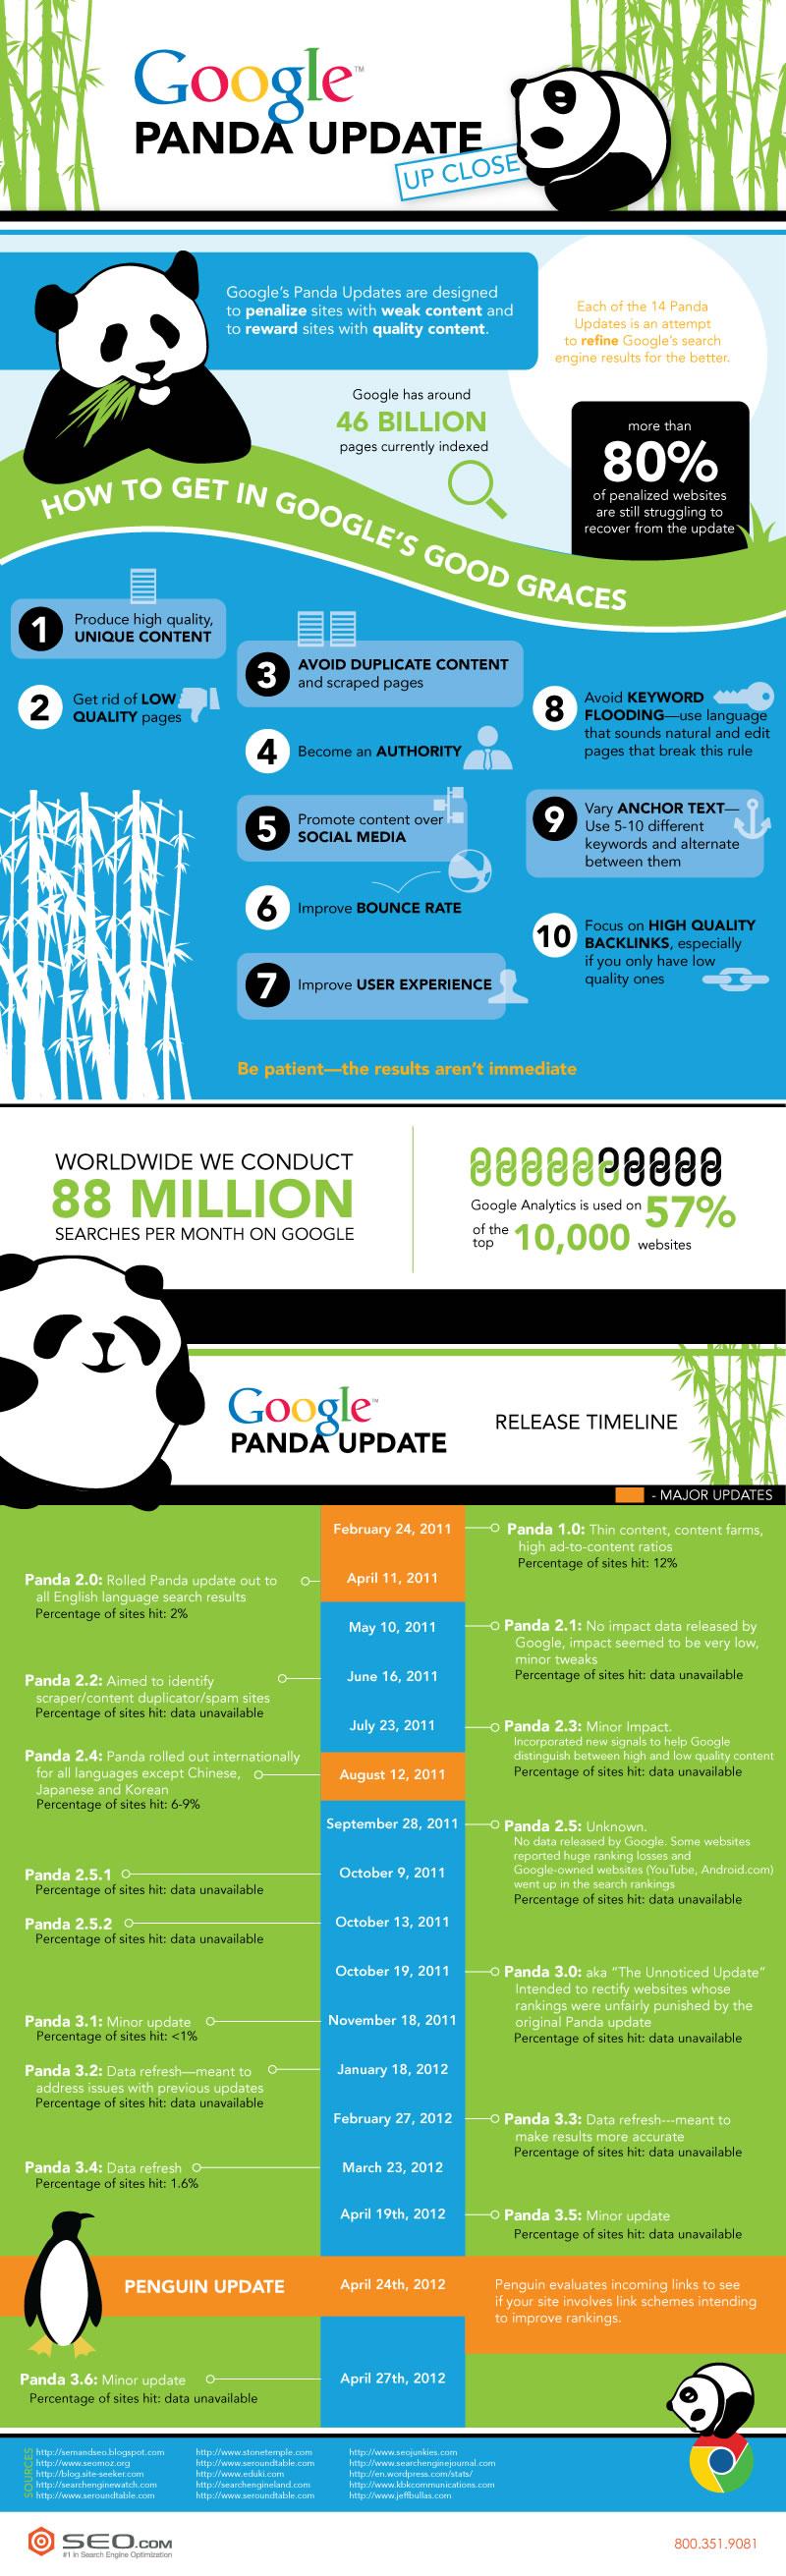 Google-Panda-Update-History-infographic